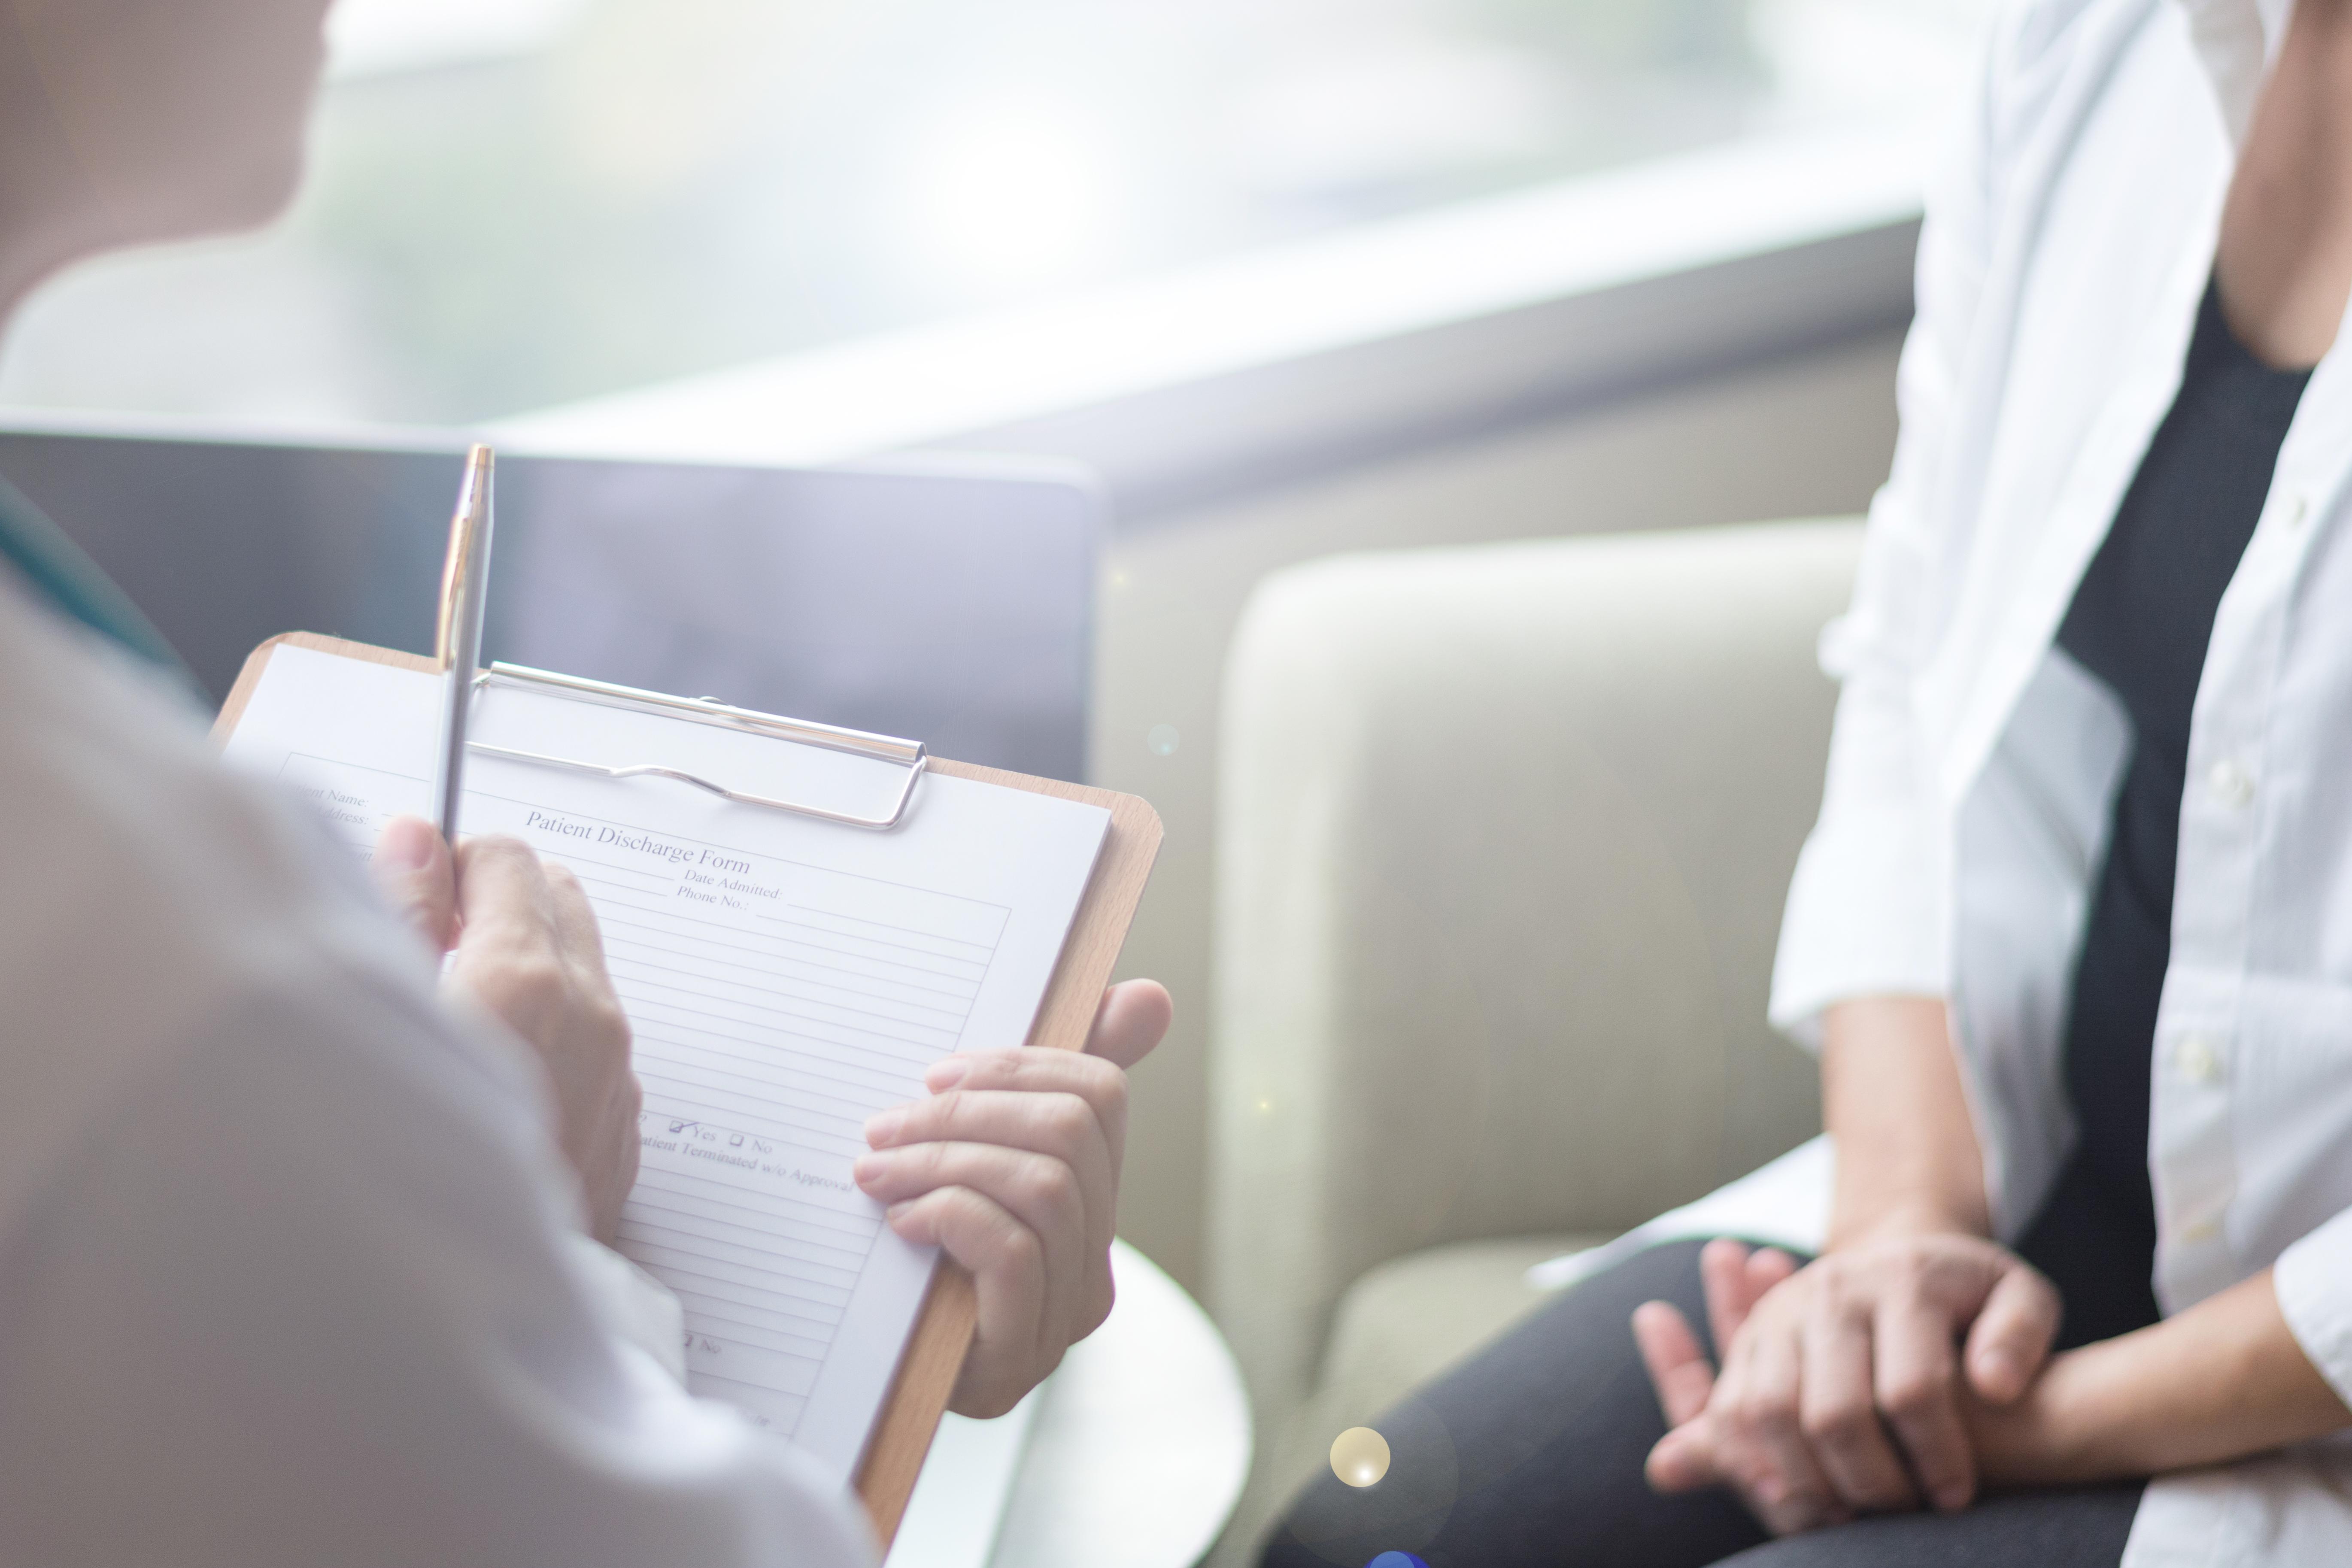 心療内科に安易に通うことによるデメリット。行けば悩みは解決する?